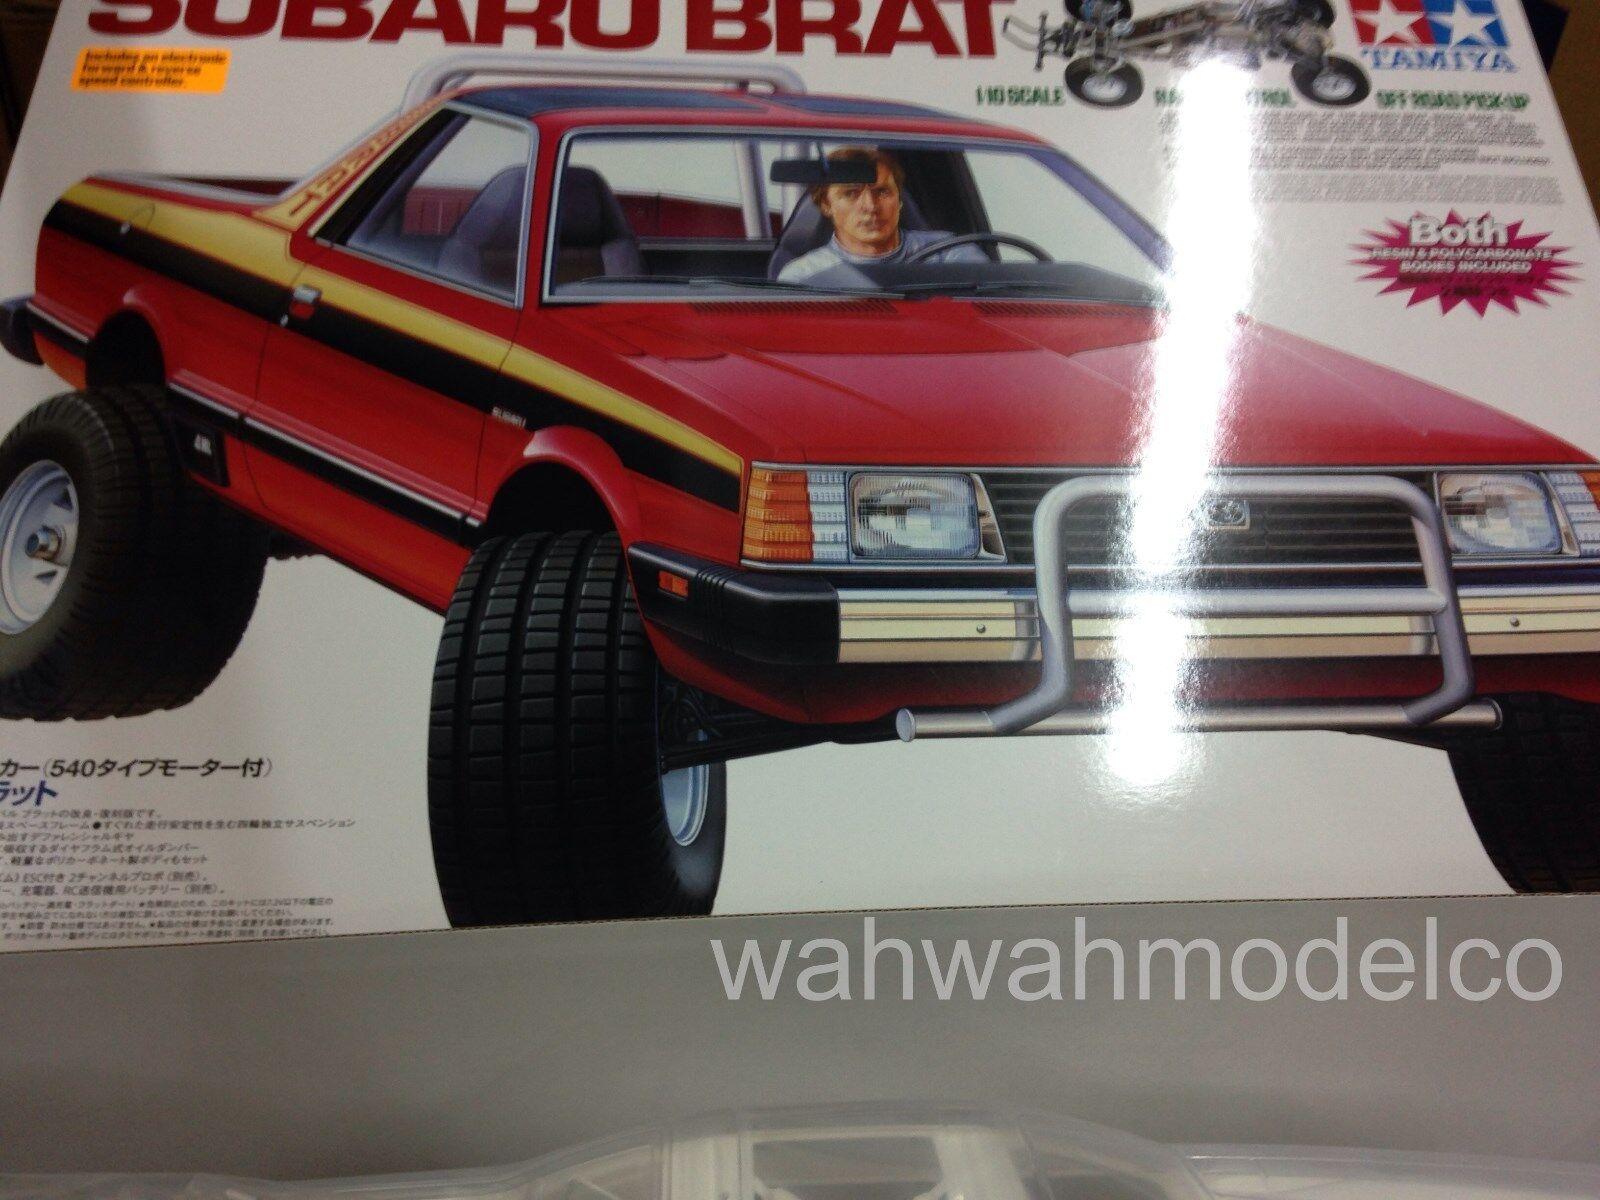 58384 1/10 Subaru Brat Off-Road Kit TAMC 0394 TAMIYA